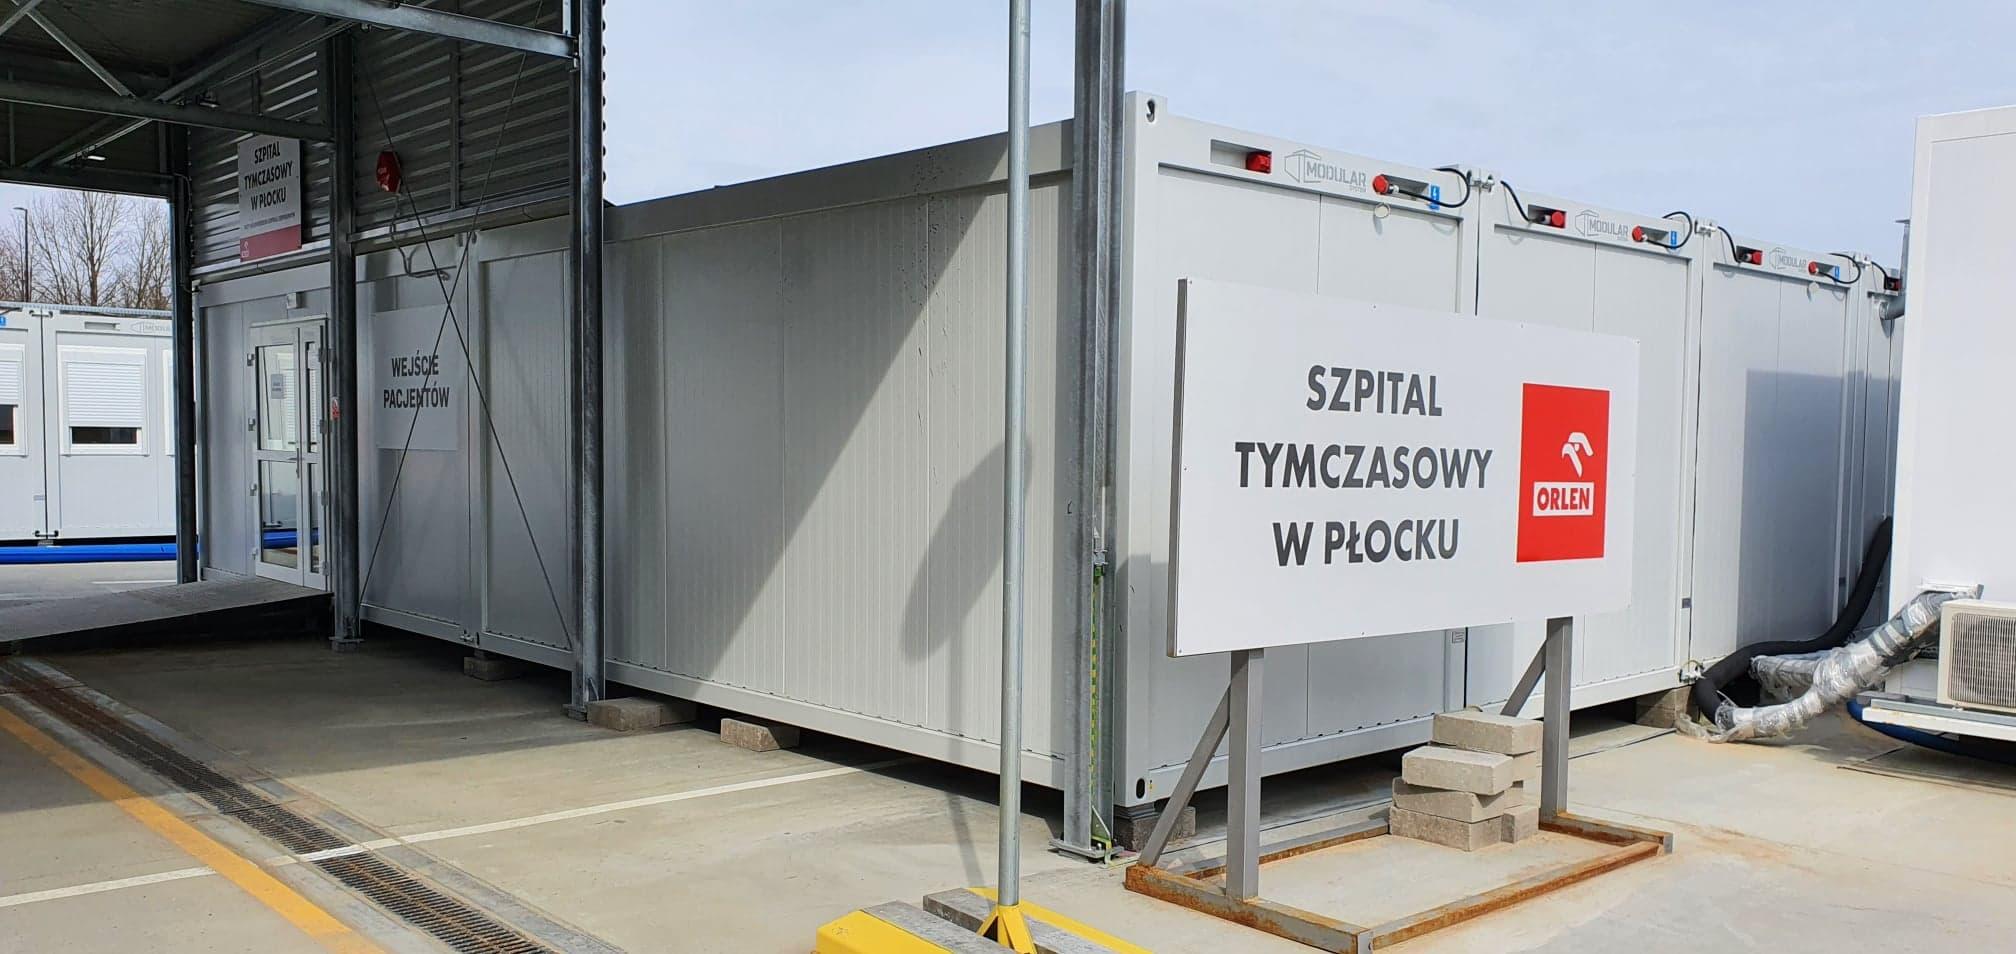 Szpital tymczasowy wciąż potrzebuje kadry medycznej [WIDEO] - Zdjęcie główne